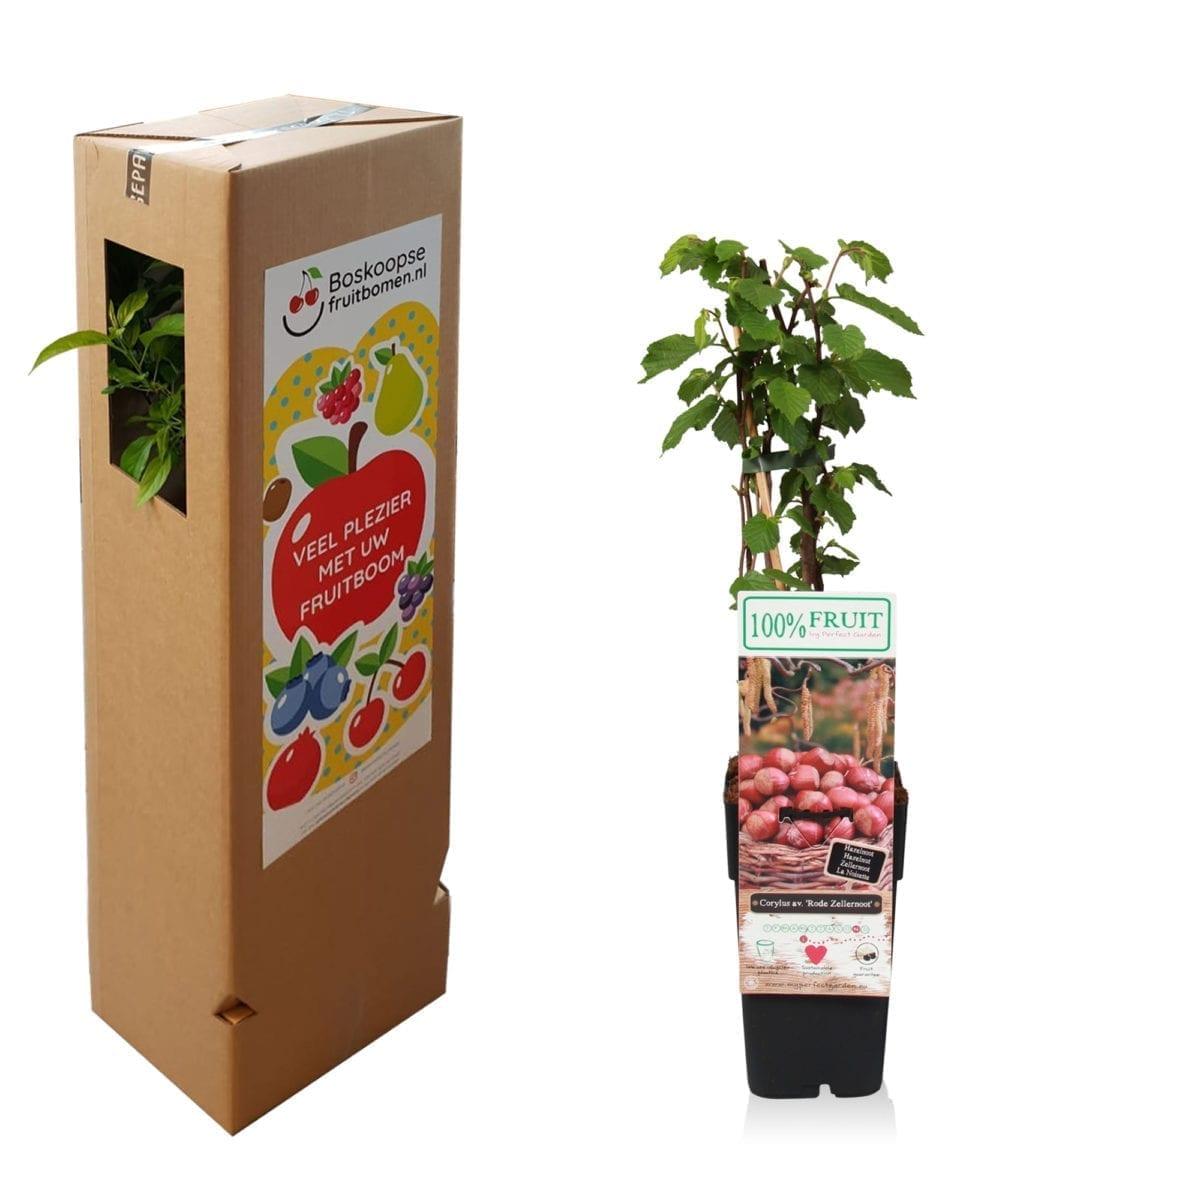 boskoopsefruitbomen | Hazelnoot met verzenddoos